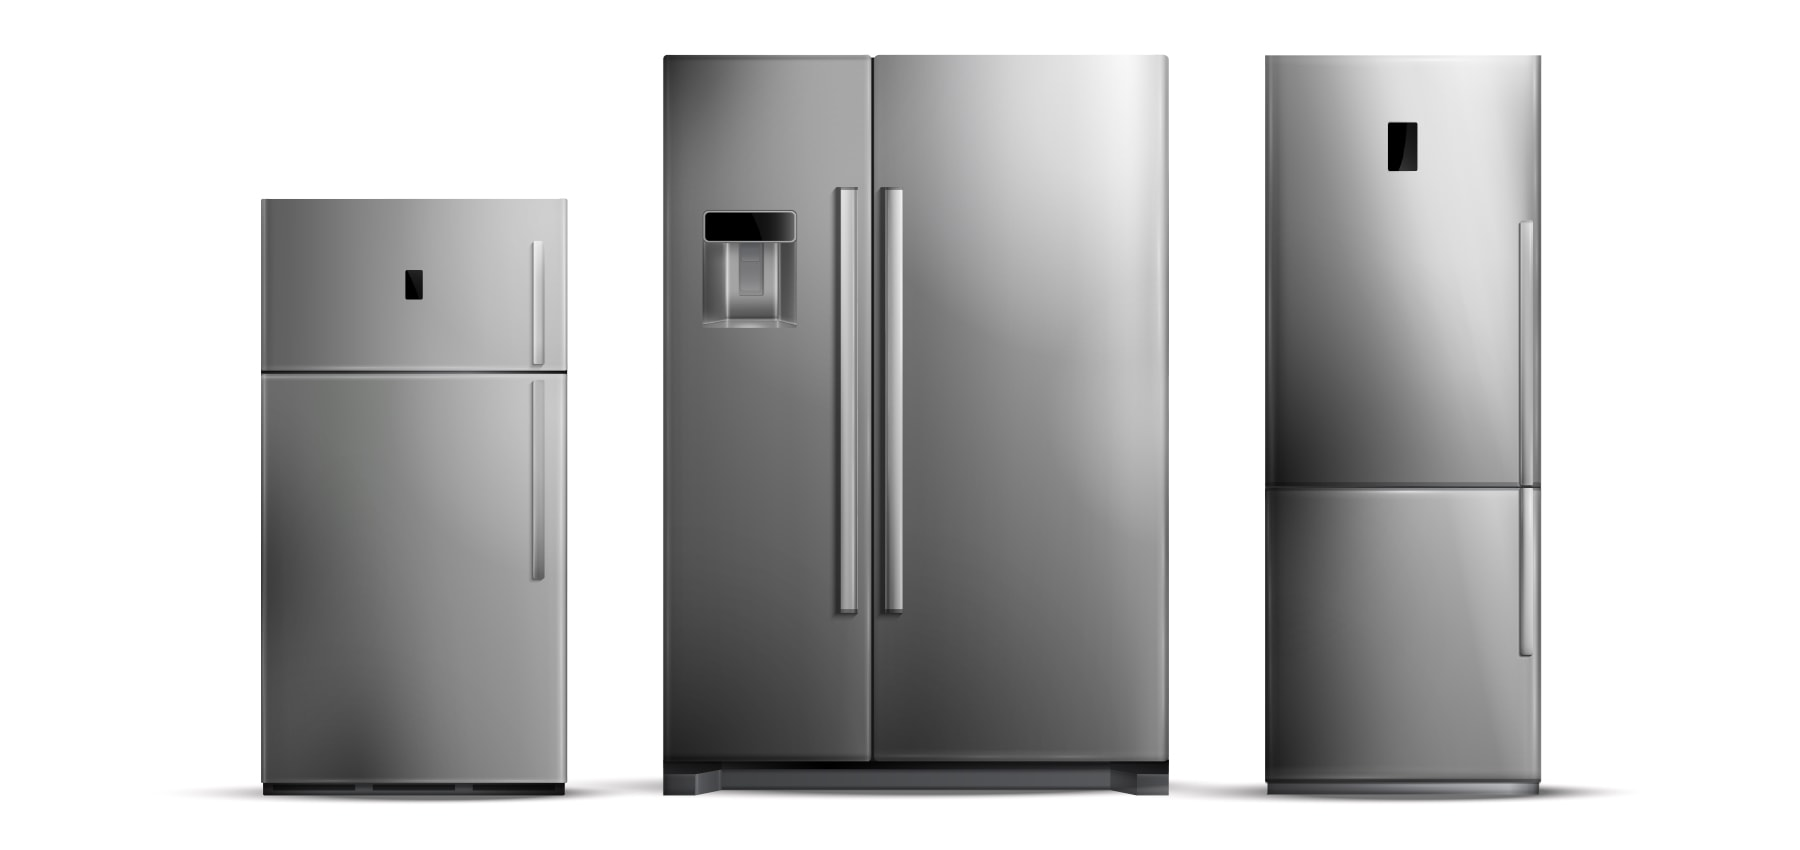 انتخاب سایز در راهنمای خرید یخچال